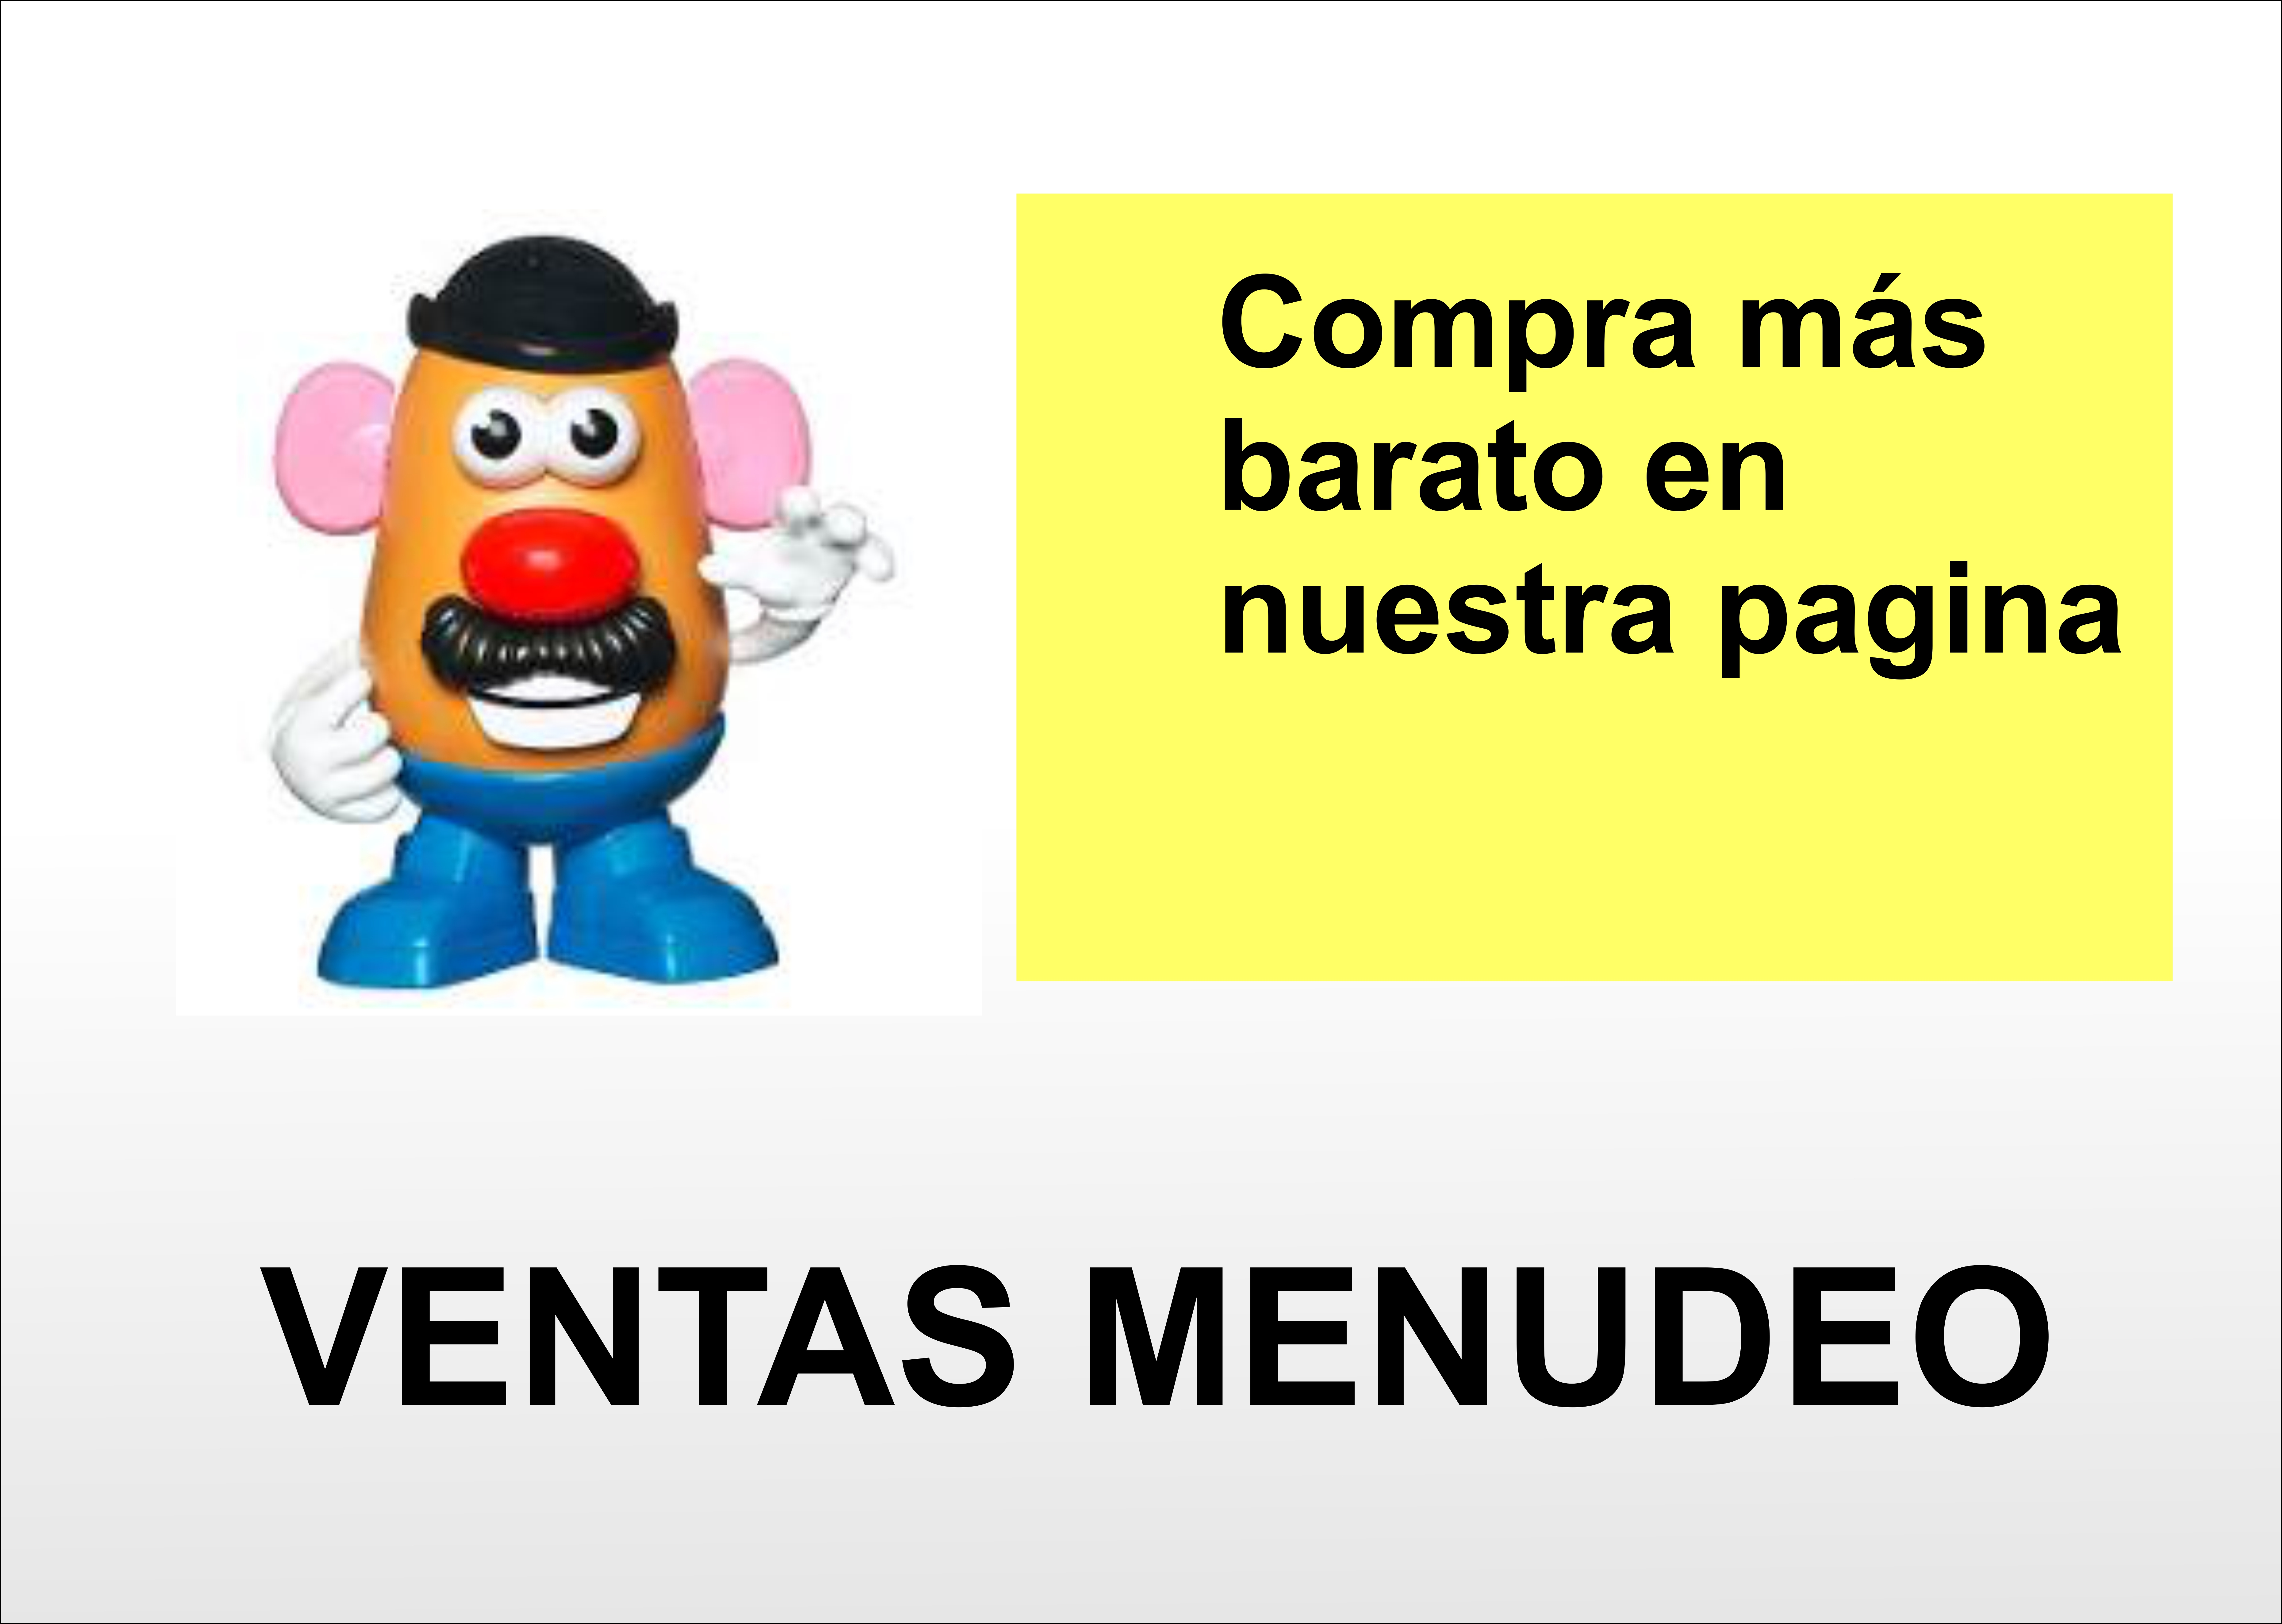 CARRUSEL VENTAS MENUDEO WEB